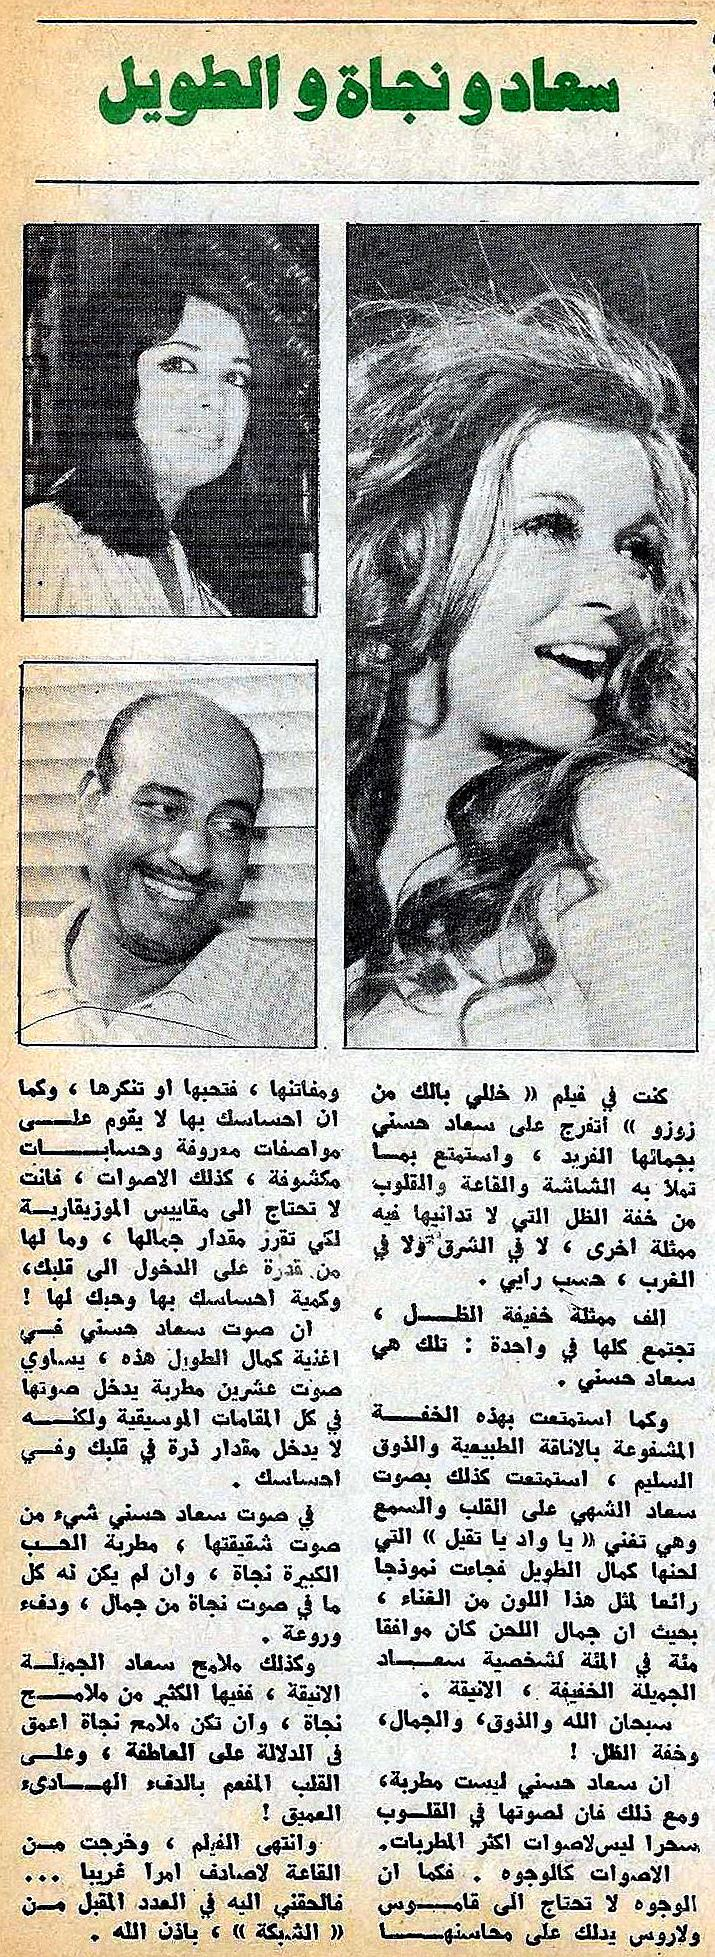 مقال - مقال صحفي : سعاد ونجاة والطويل 1973 م C_iayo10